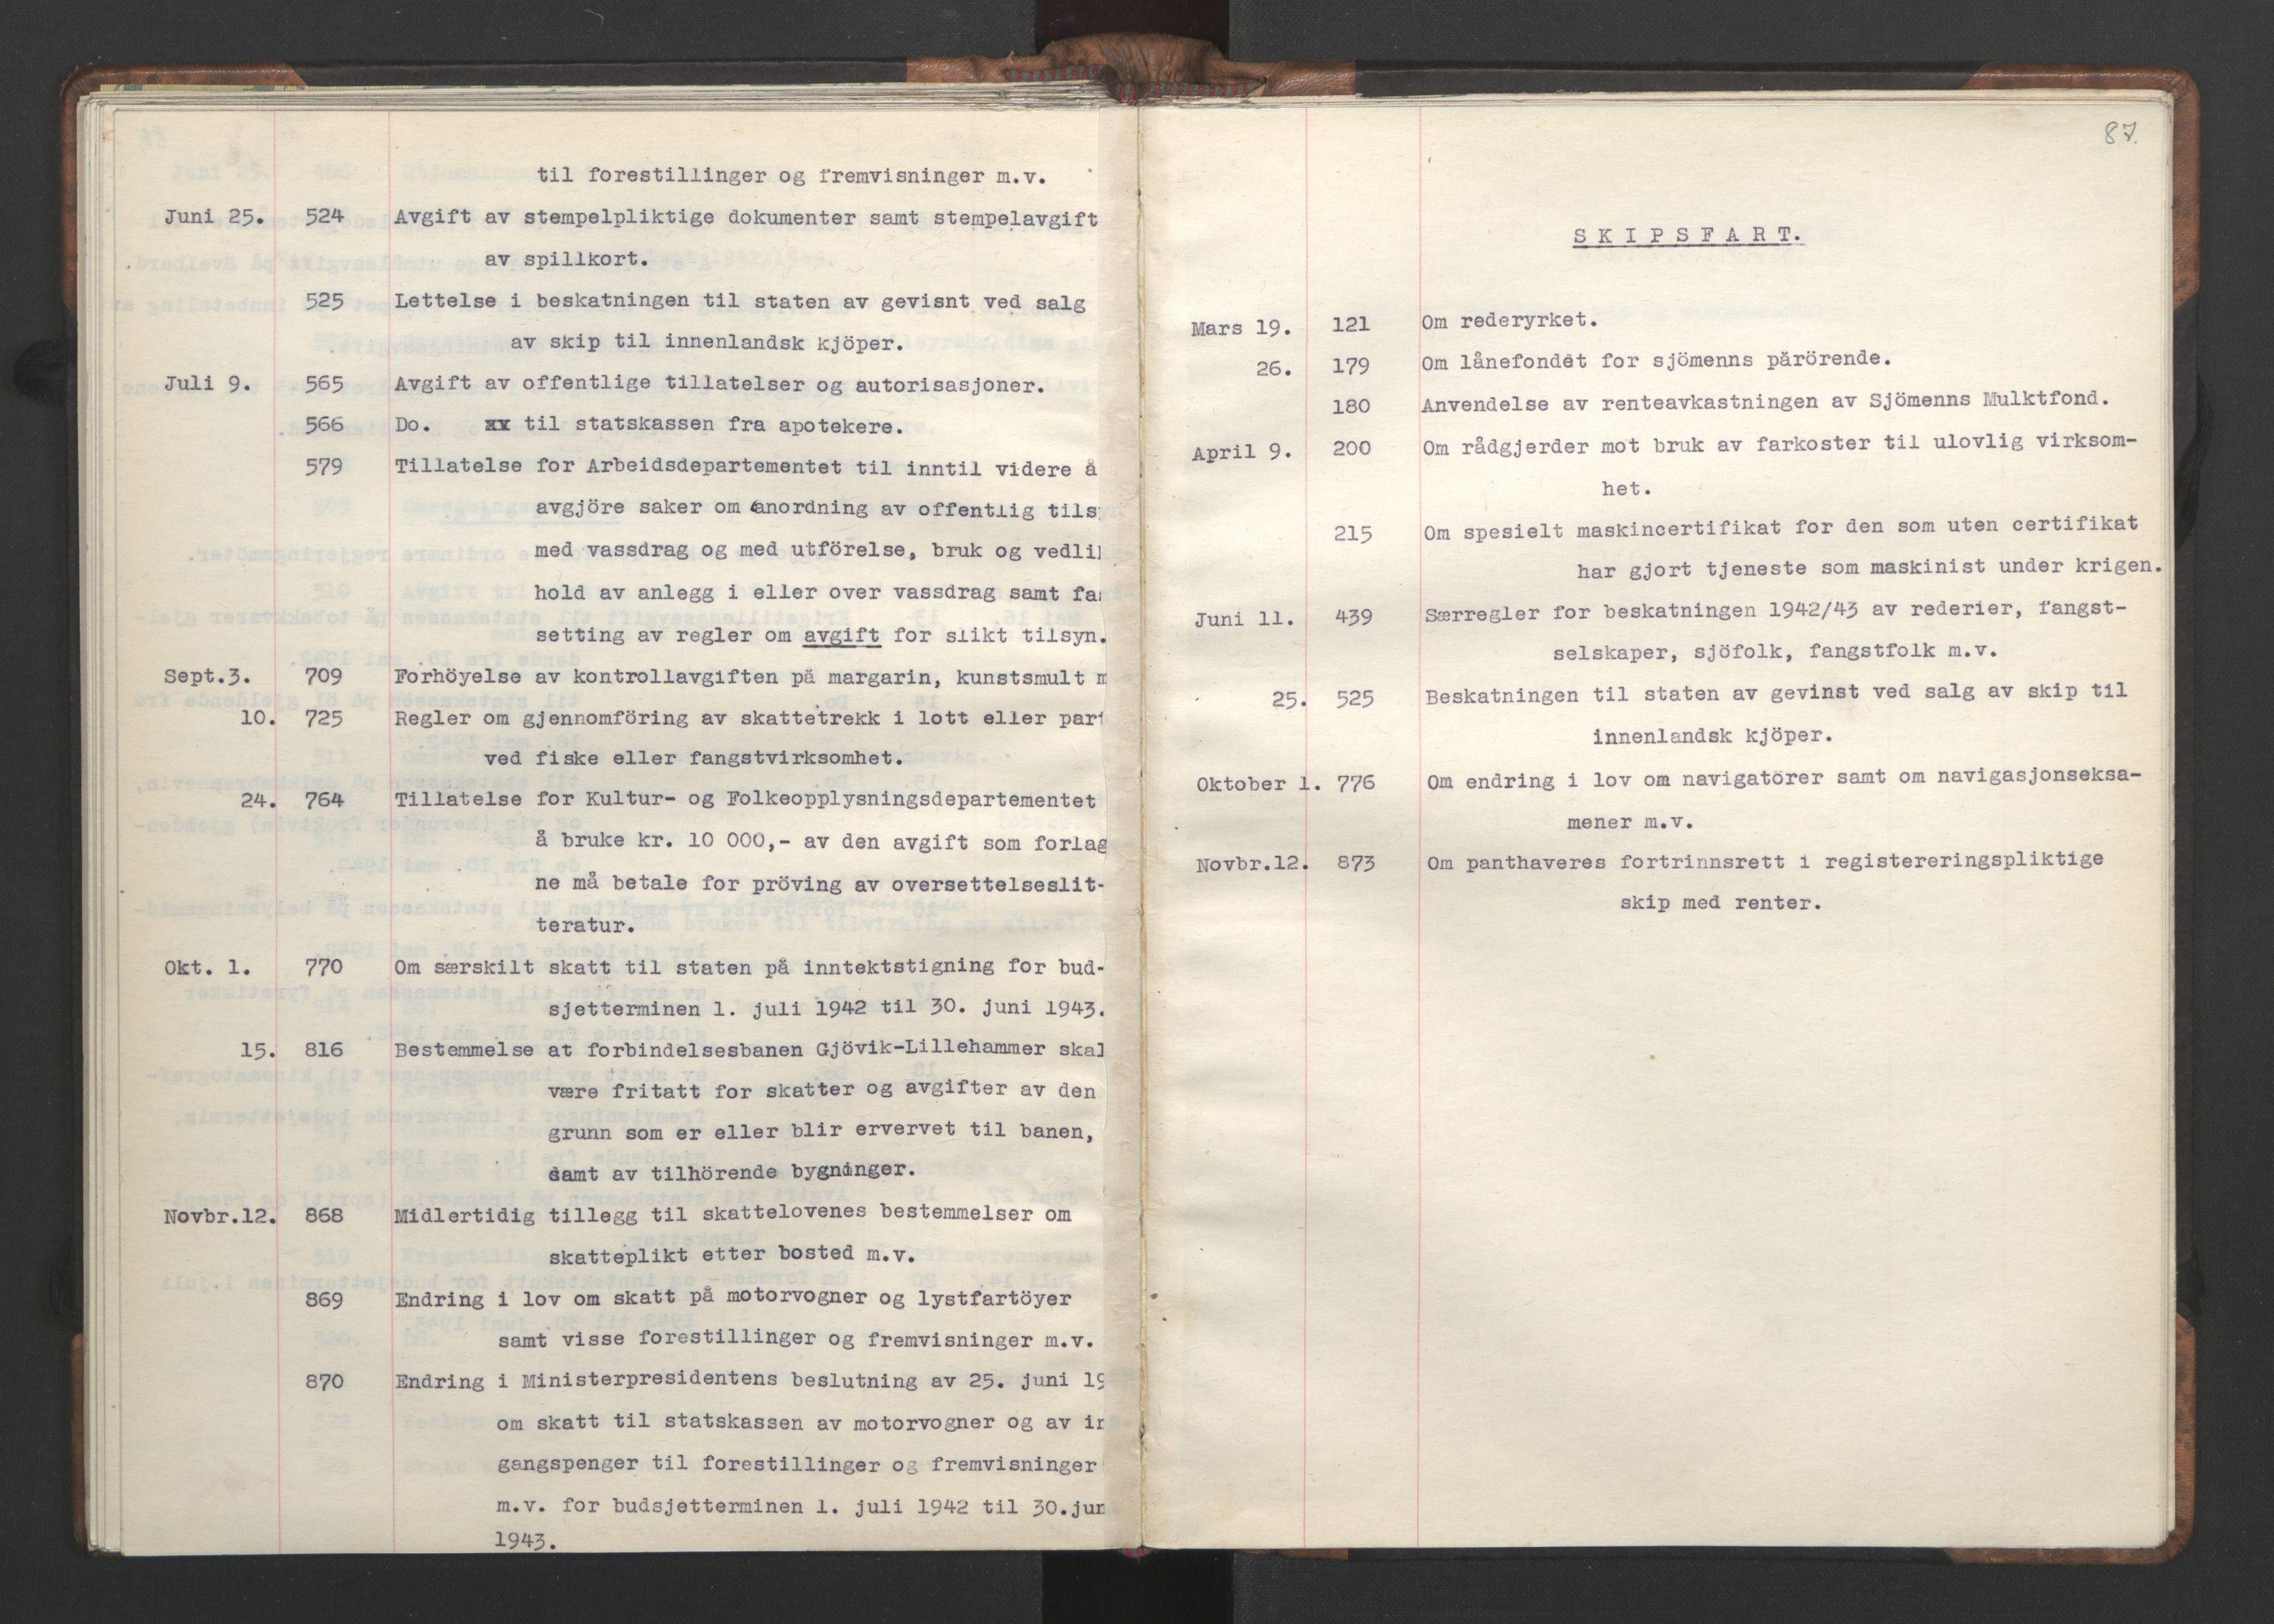 RA, NS-administrasjonen 1940-1945 (Statsrådsekretariatet, de kommisariske statsråder mm), D/Da/L0002: Register (RA j.nr. 985/1943, tilgangsnr. 17/1943), 1942, s. 86b-87a